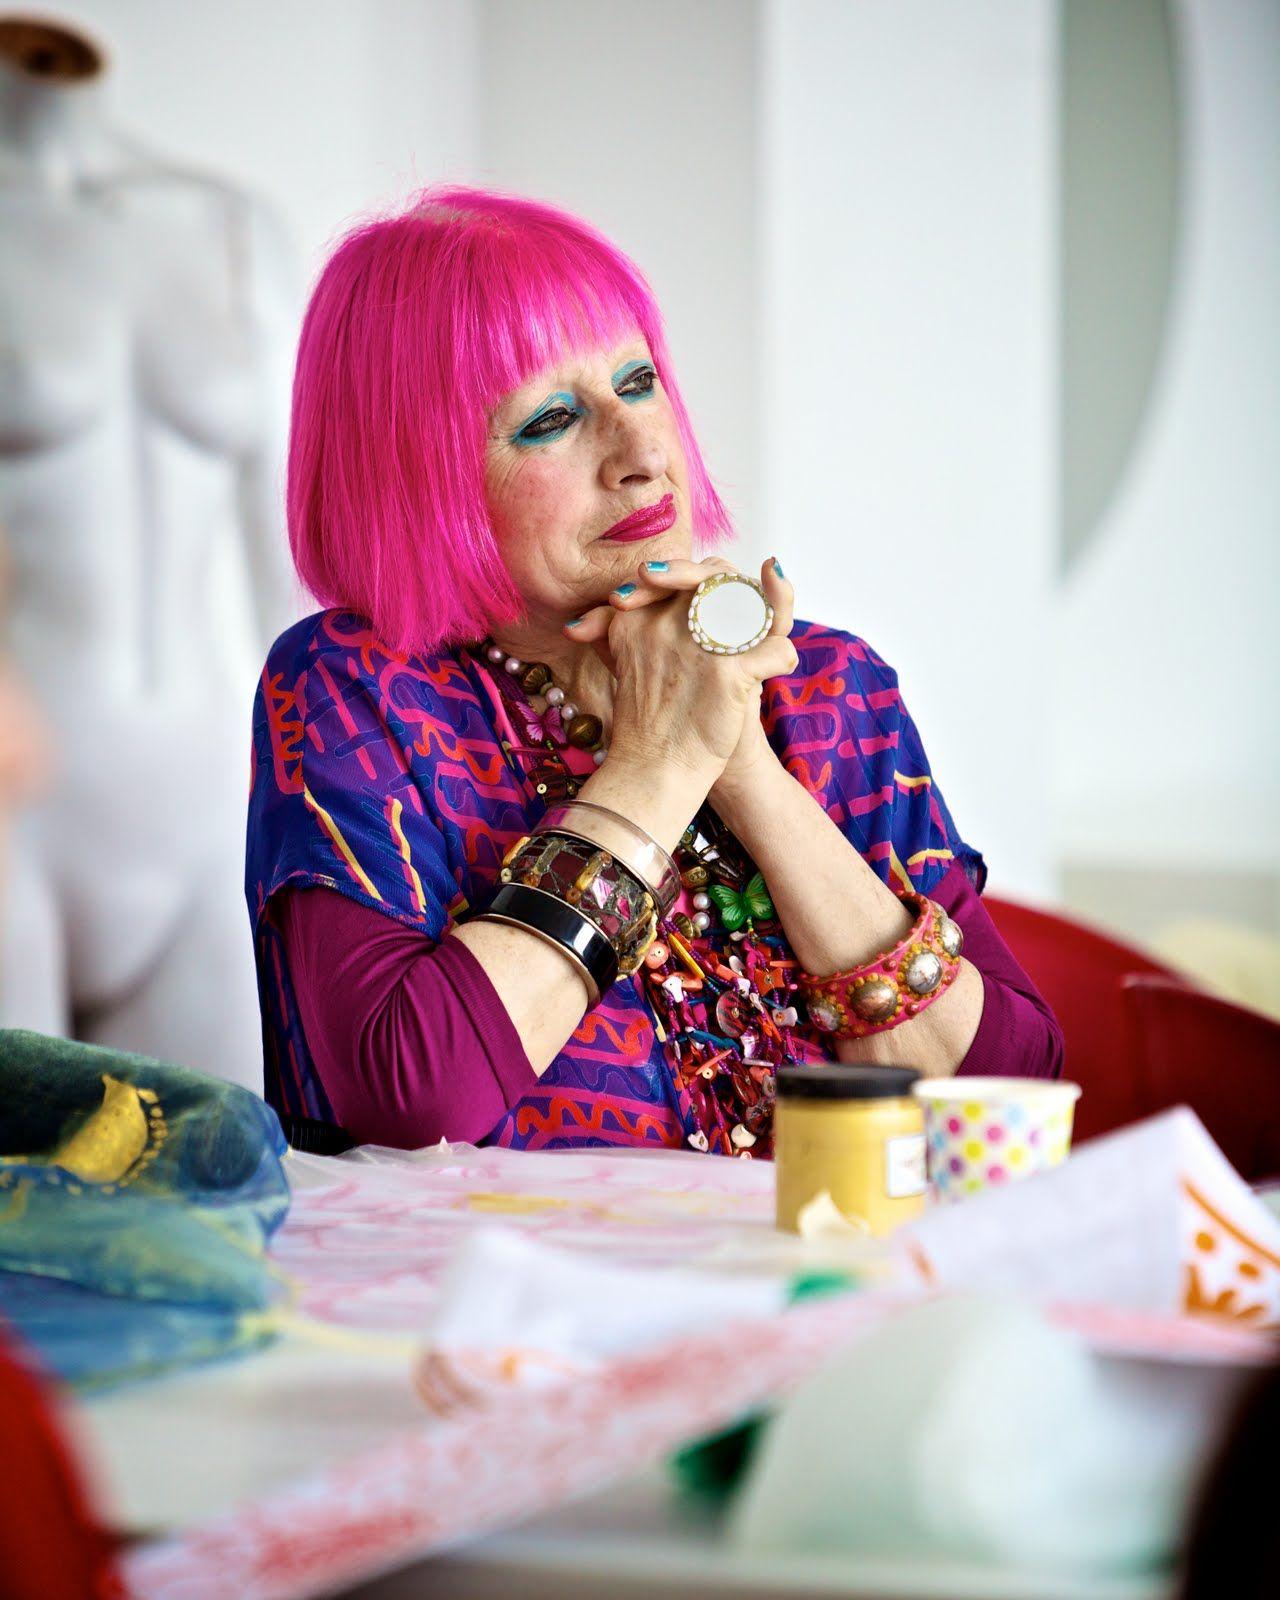 Zandra rhodes fashion designer 67